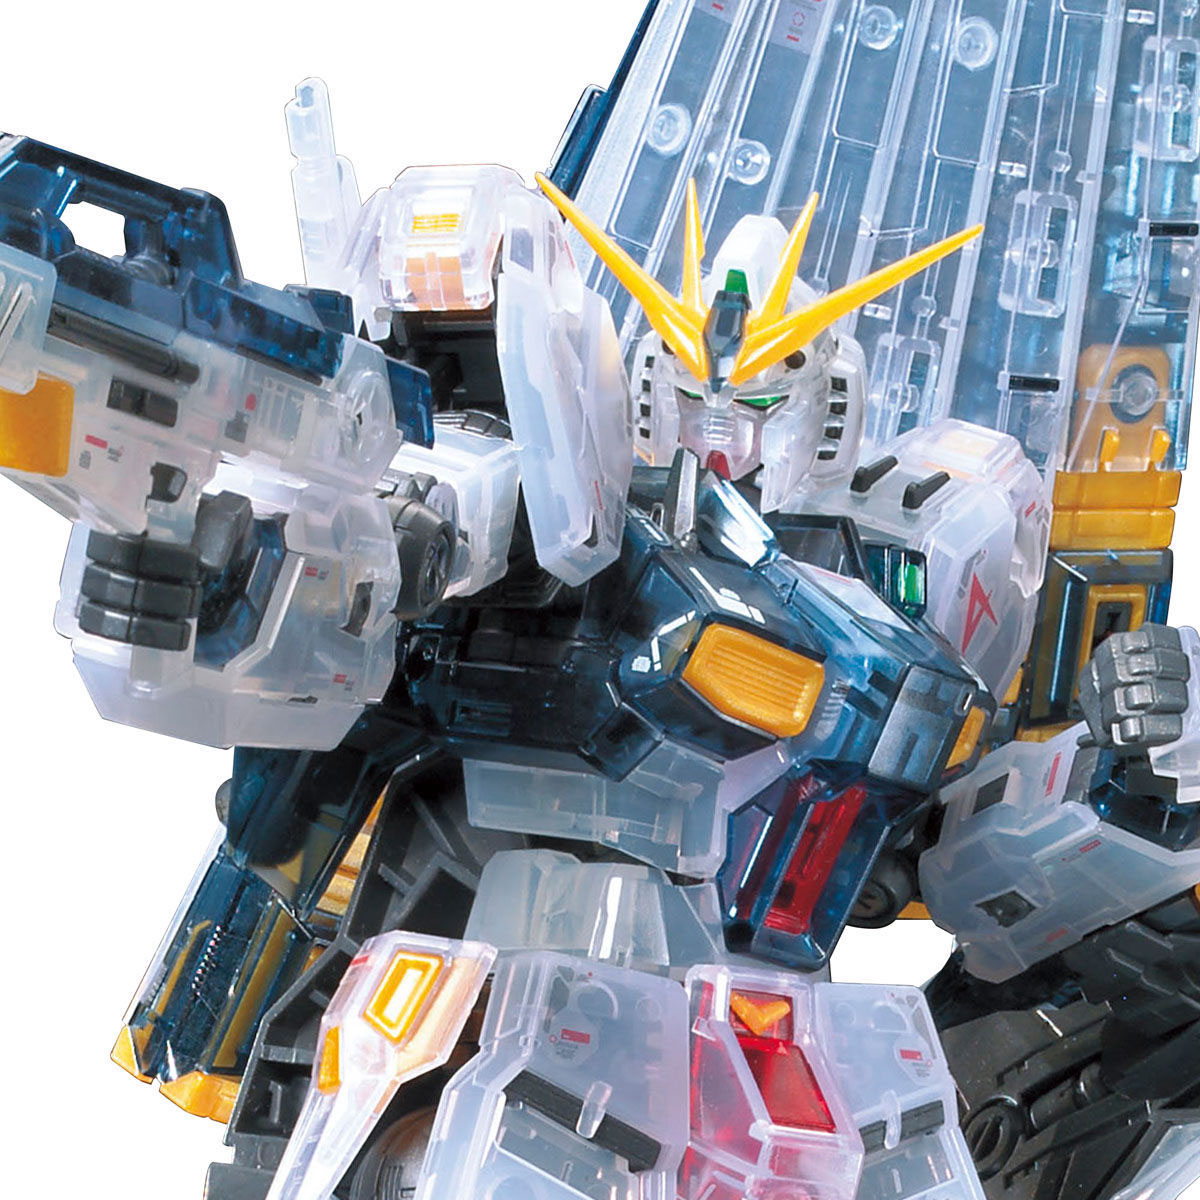 【限定販売】RG 1/144『νガンダム[クリアカラー]初回生産限定パッケージ』逆襲のシャア プラモデル-005